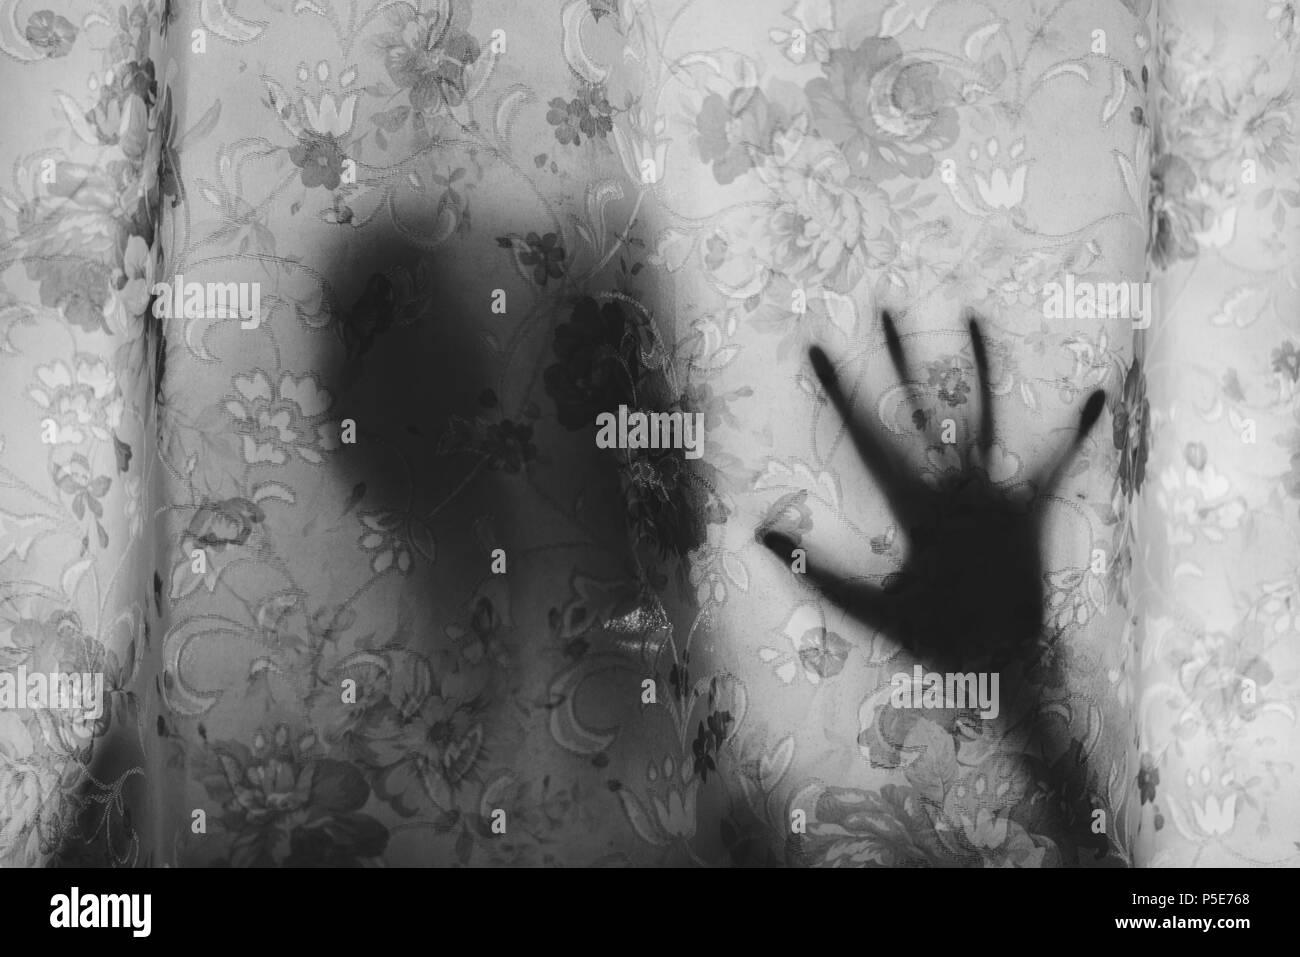 Immagine in bianco e nero del misterioso uomo ombra dietro una cortina. Paura, Mistero, scary, inquietante e paranormali concept Immagini Stock